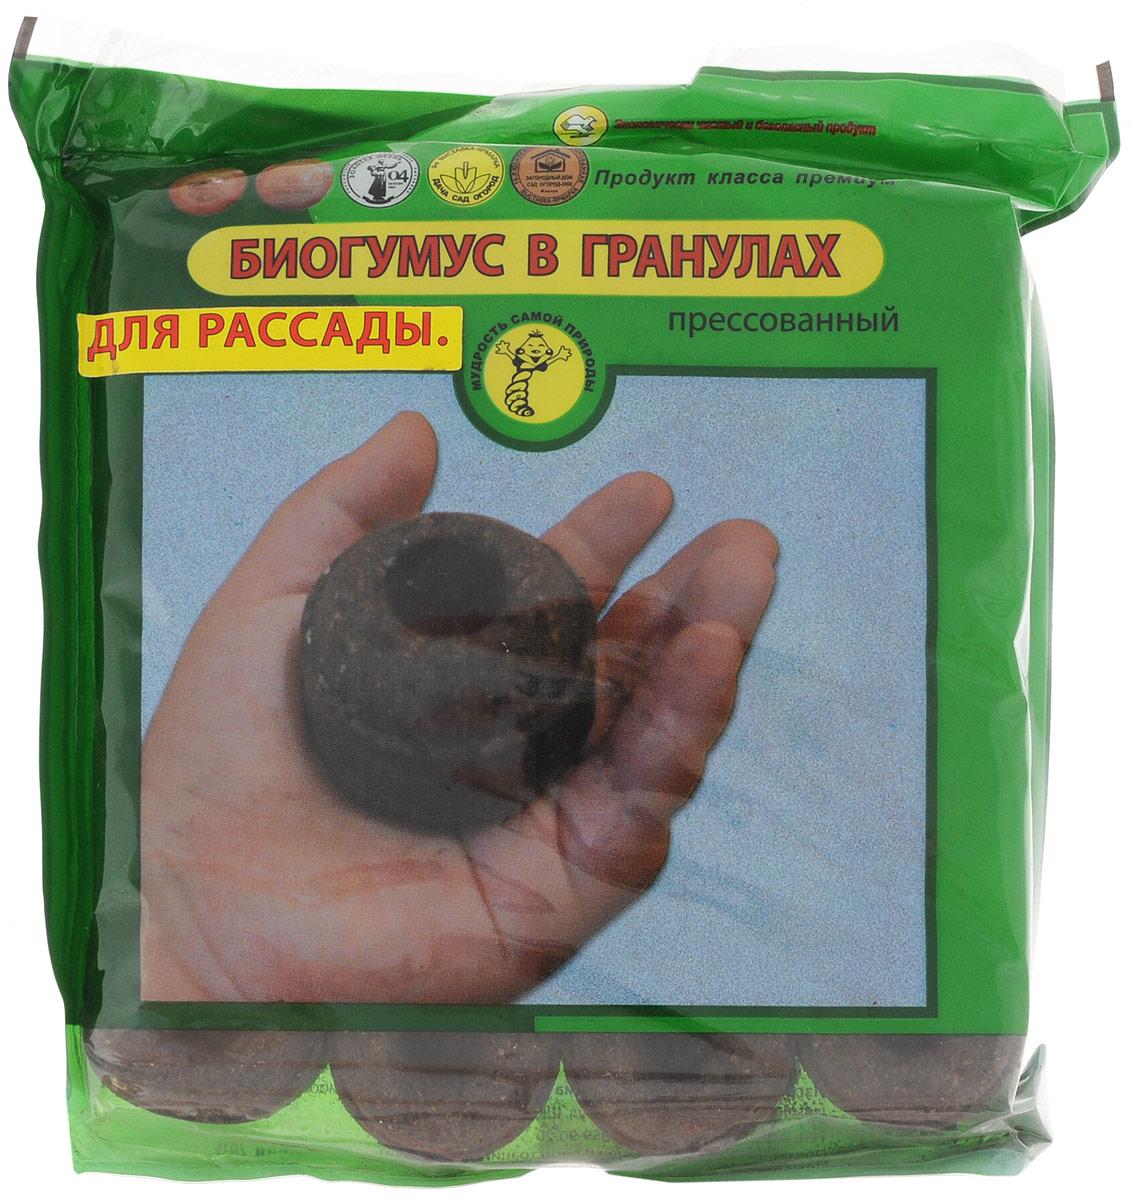 Удобрение Поля Русские Биогумус. Биоконтейнер, для рассады, 64 г х 16 шт728Удобрение Поля Русские Биогумус. Биоконтейнер выполнено в виде гранул и предназначено для выращивания рассады. Удобрение обеспечивает оптимальные условия для прорастания зародыша семян в начальный критический период. Благодаря биогумусу происходит дружная всхожесть, увеличивается продуктивность растений с одновременным повышением качества продукции, стимулируется корнеобразование, повышается сопротивляемость растений к заболеваниям. Биогумус, полученный промышленной популяцией дождевых червей путем переработки подстилочного навоза КРС, является наилучшим органическим удобрением для выращивания растений. Содержит полезную микрофлору, гуминовые вещества, ферменты, витамины и биологически активные вещества, которые подавляют болезнетворную микрофлору. Состав: биогумус. Содержание питательных элементов: азот - не менее 0,6%, фосфор - не менее 0,5%, калий - не менее 0,8%, pH - не менее 7,0. Микроэлементы: Zn, Gu, Mn, Mo, B, Fe, Se, I. Товар сертифицирован.